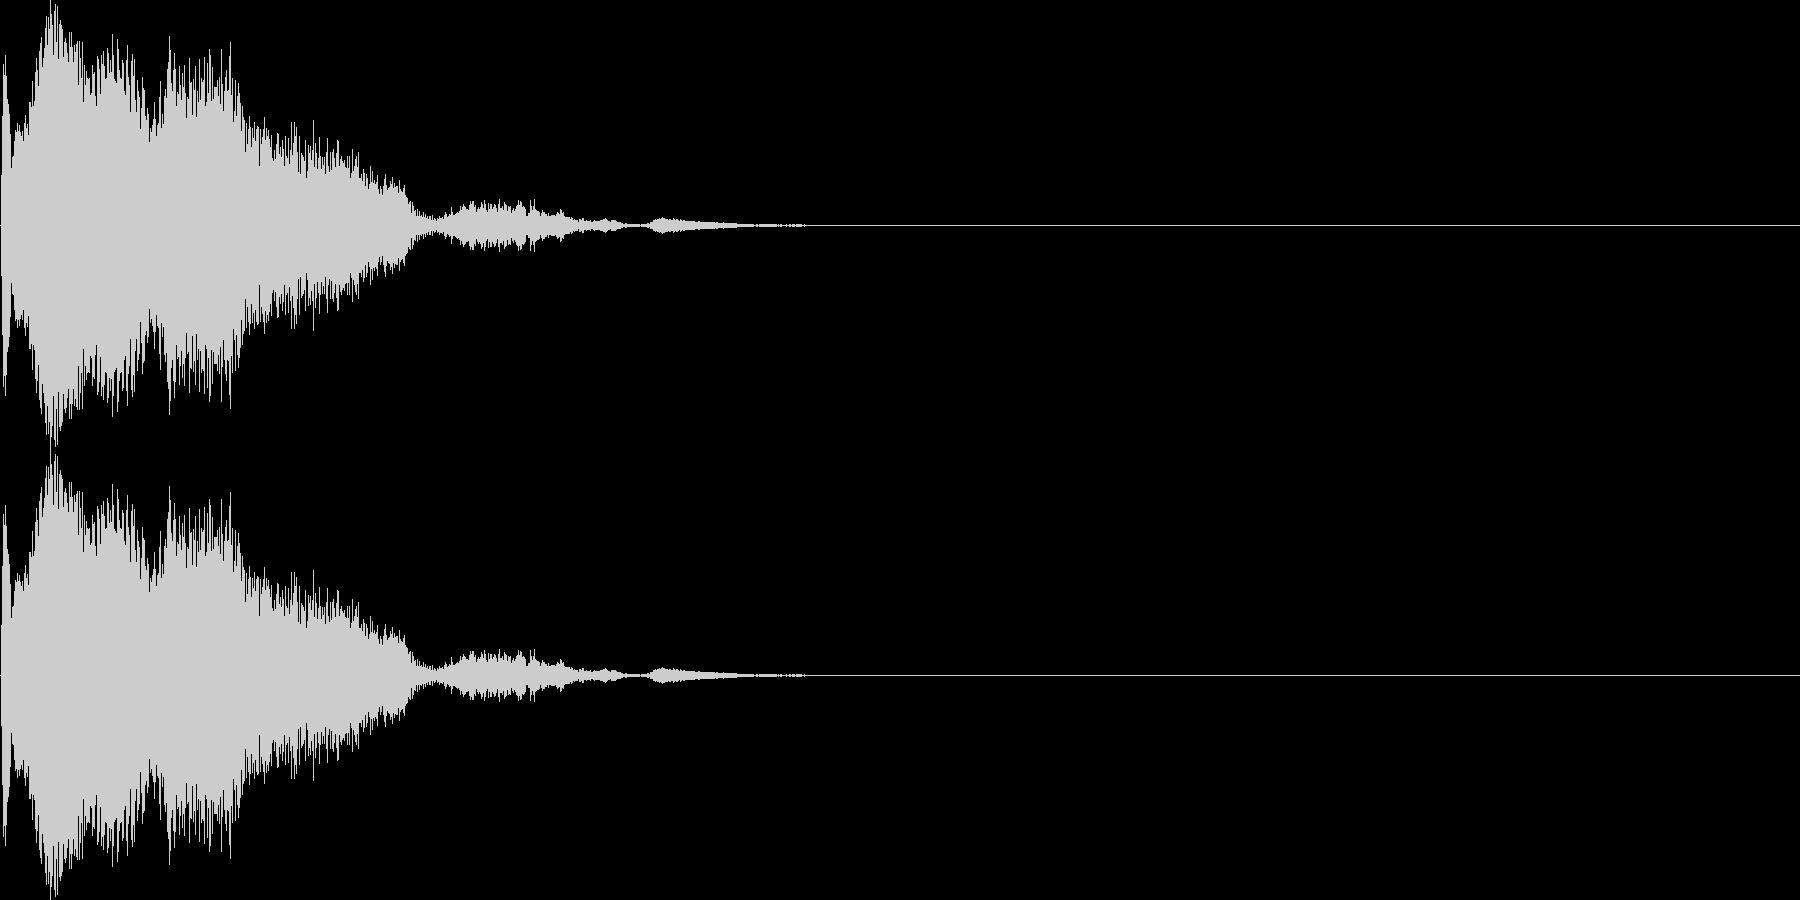 キン(カーソル、決定、スワイプ)の未再生の波形